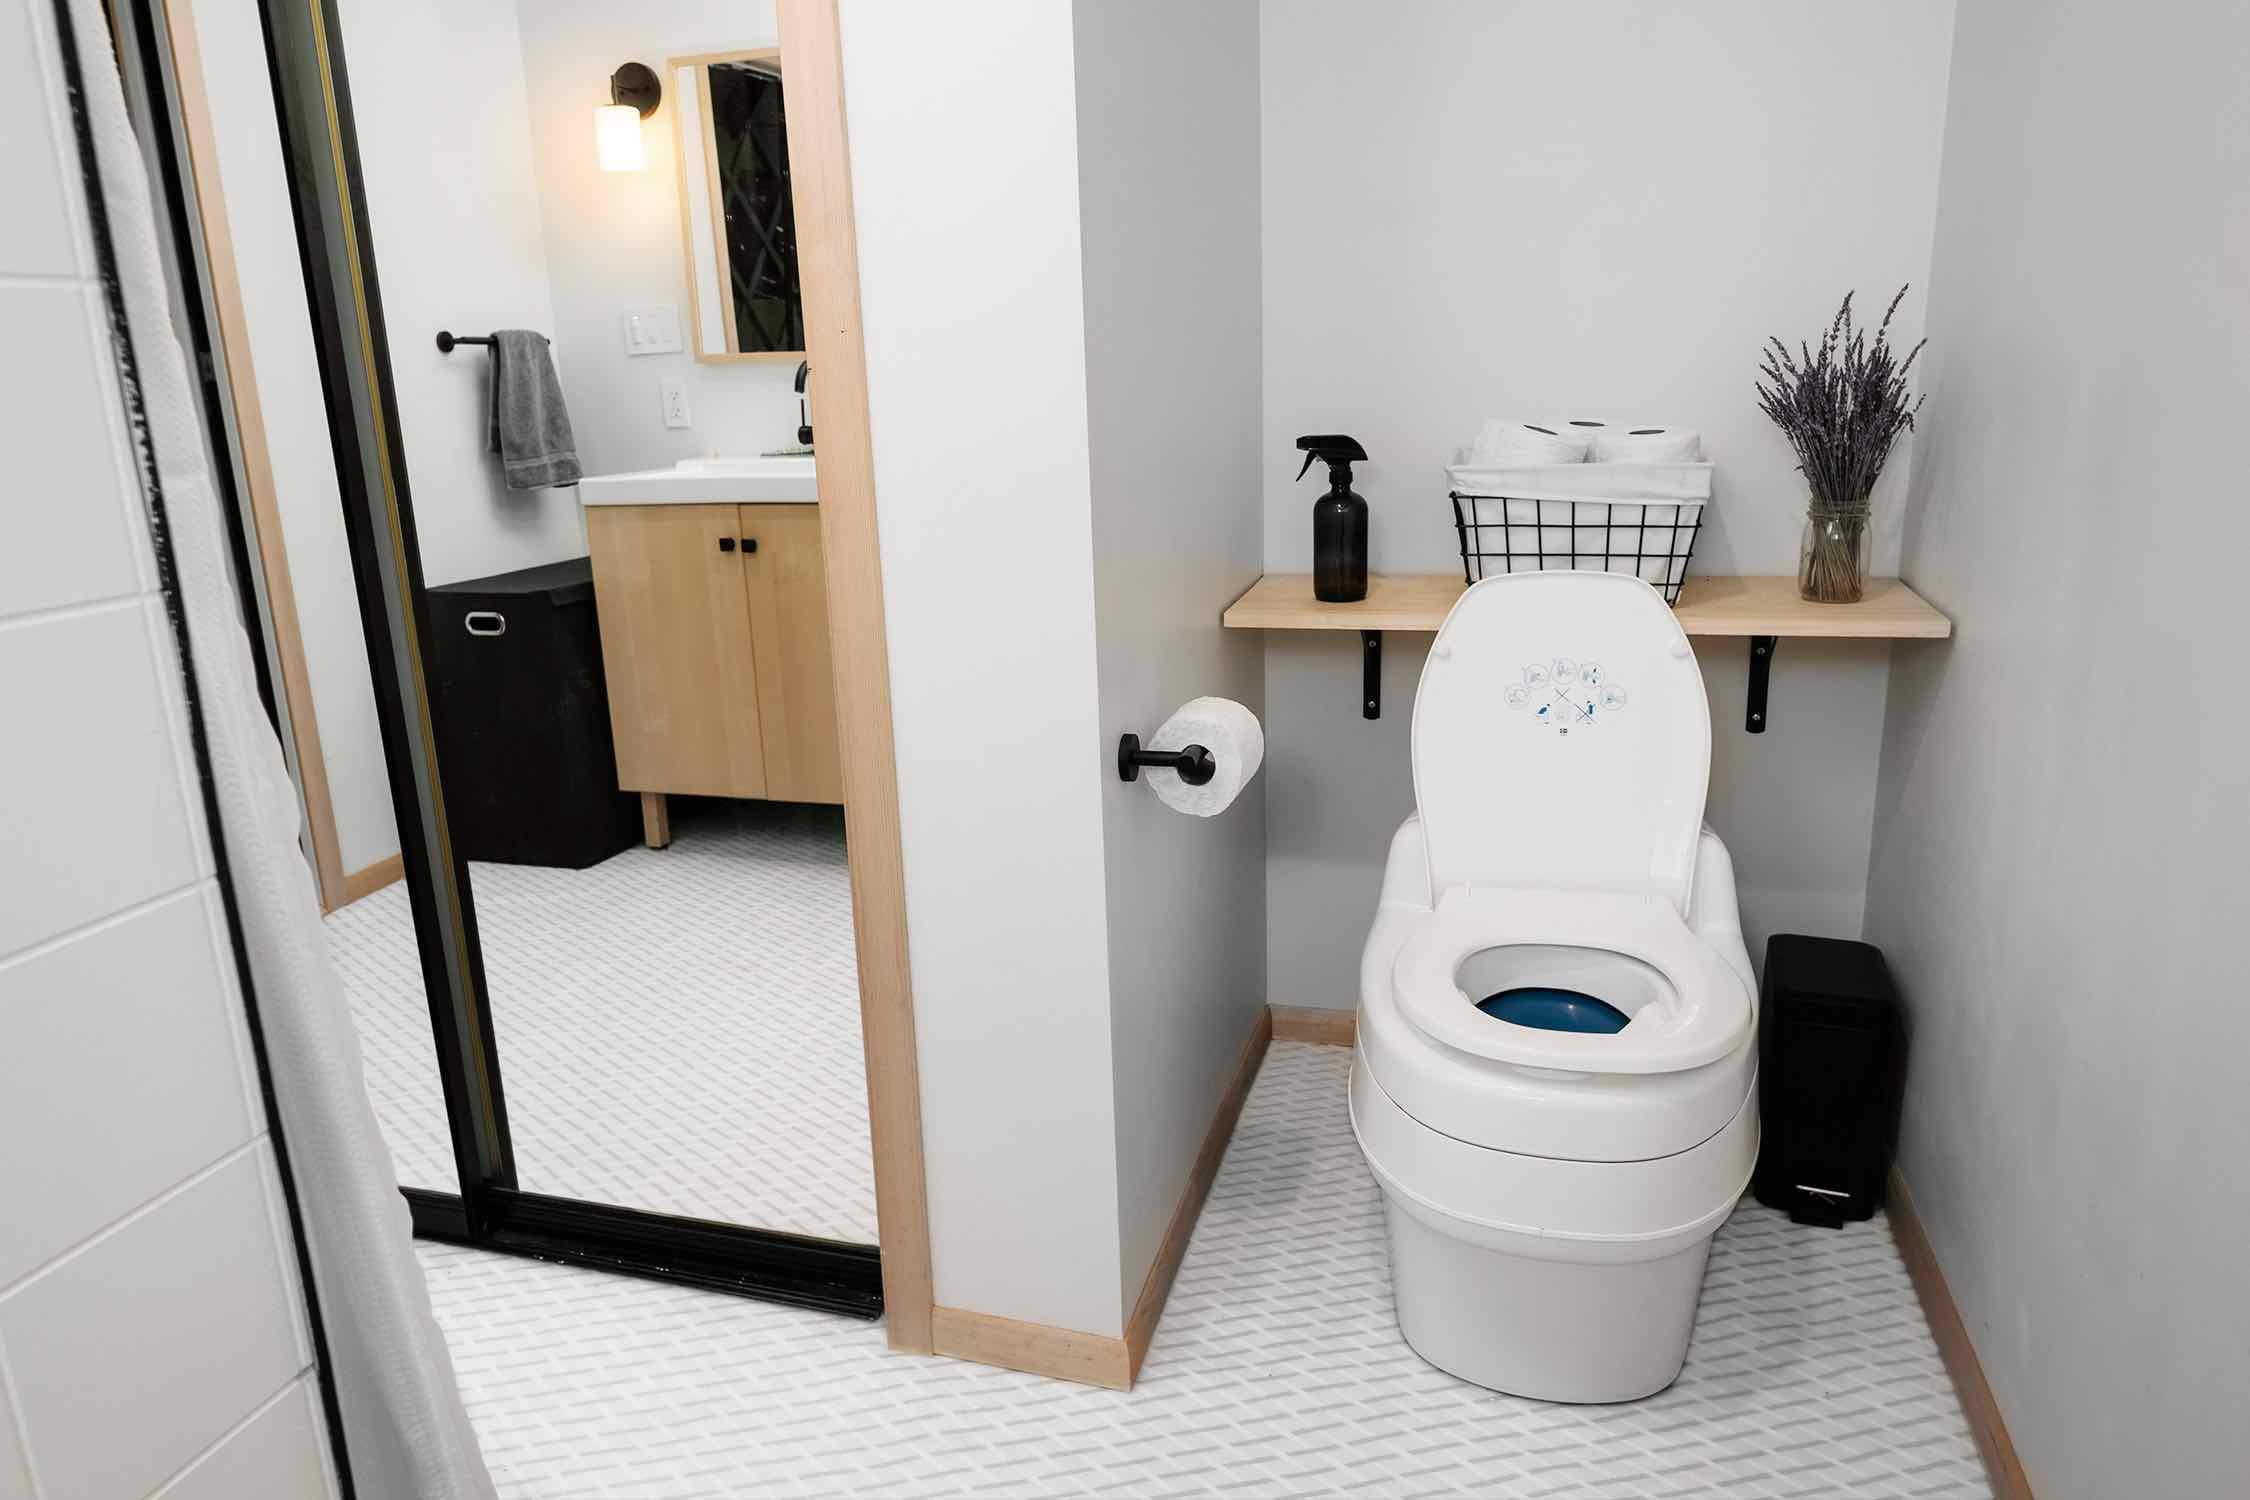 a white toilet